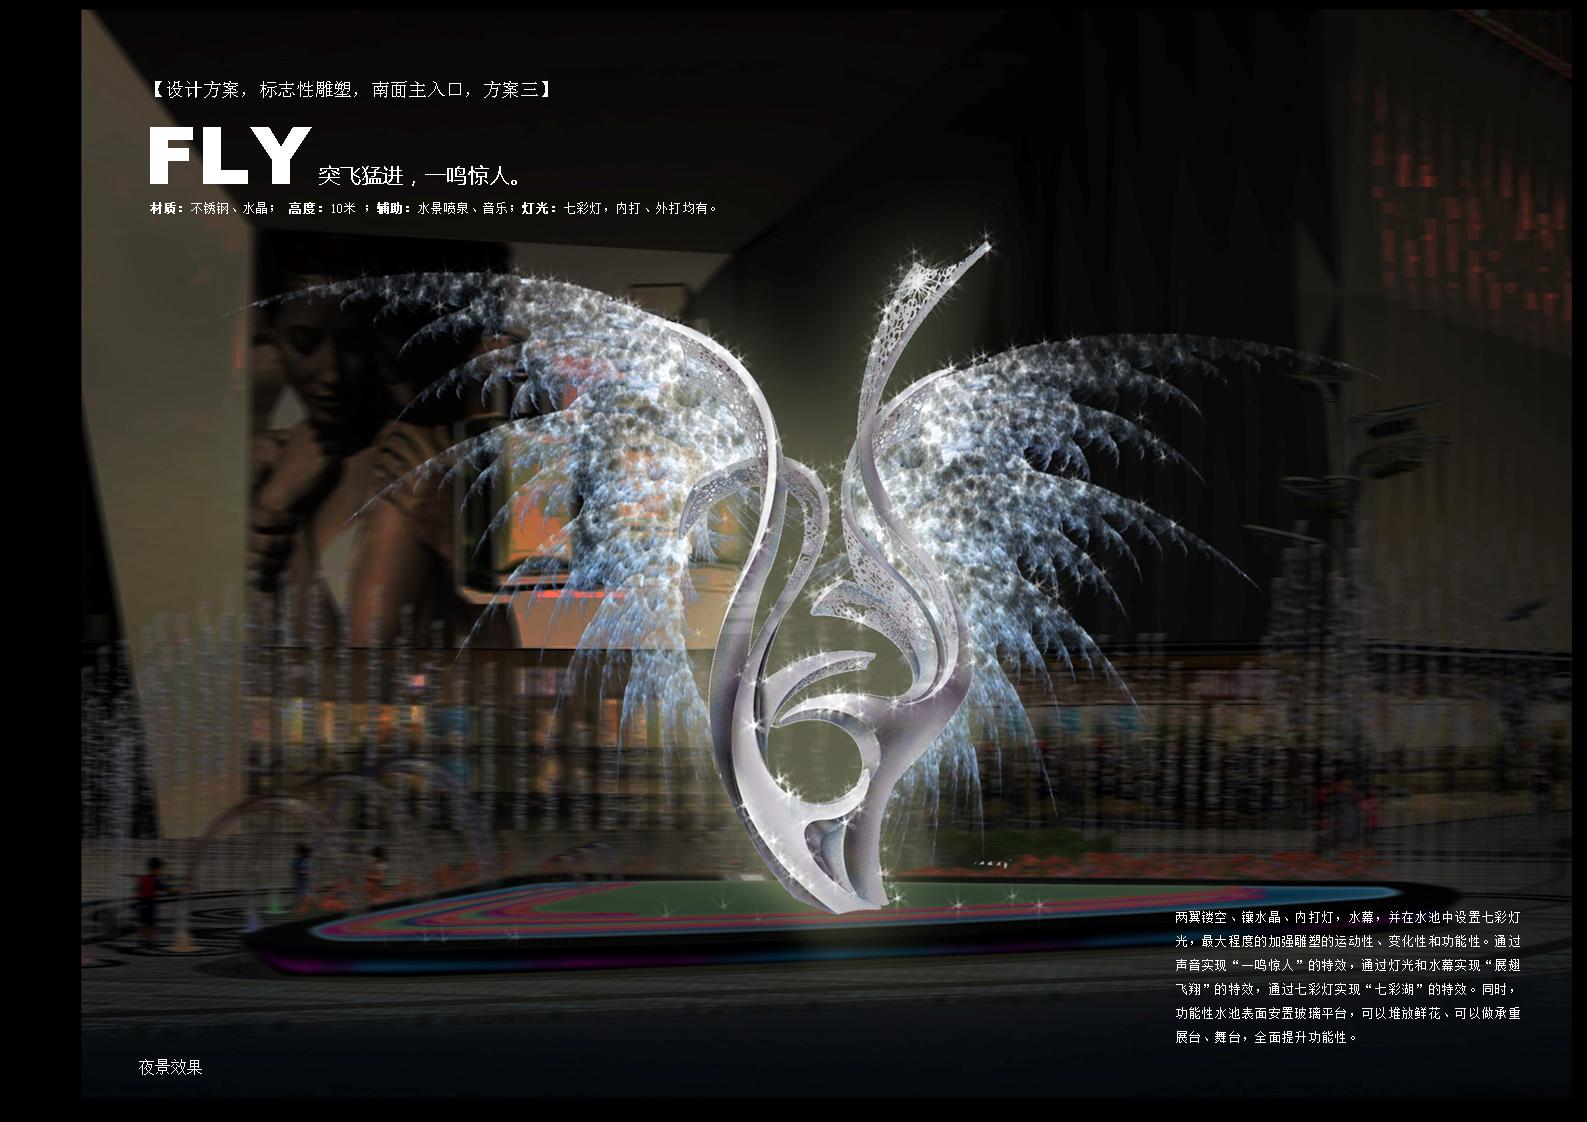 不锈钢镶水晶雕塑《鸟》设计